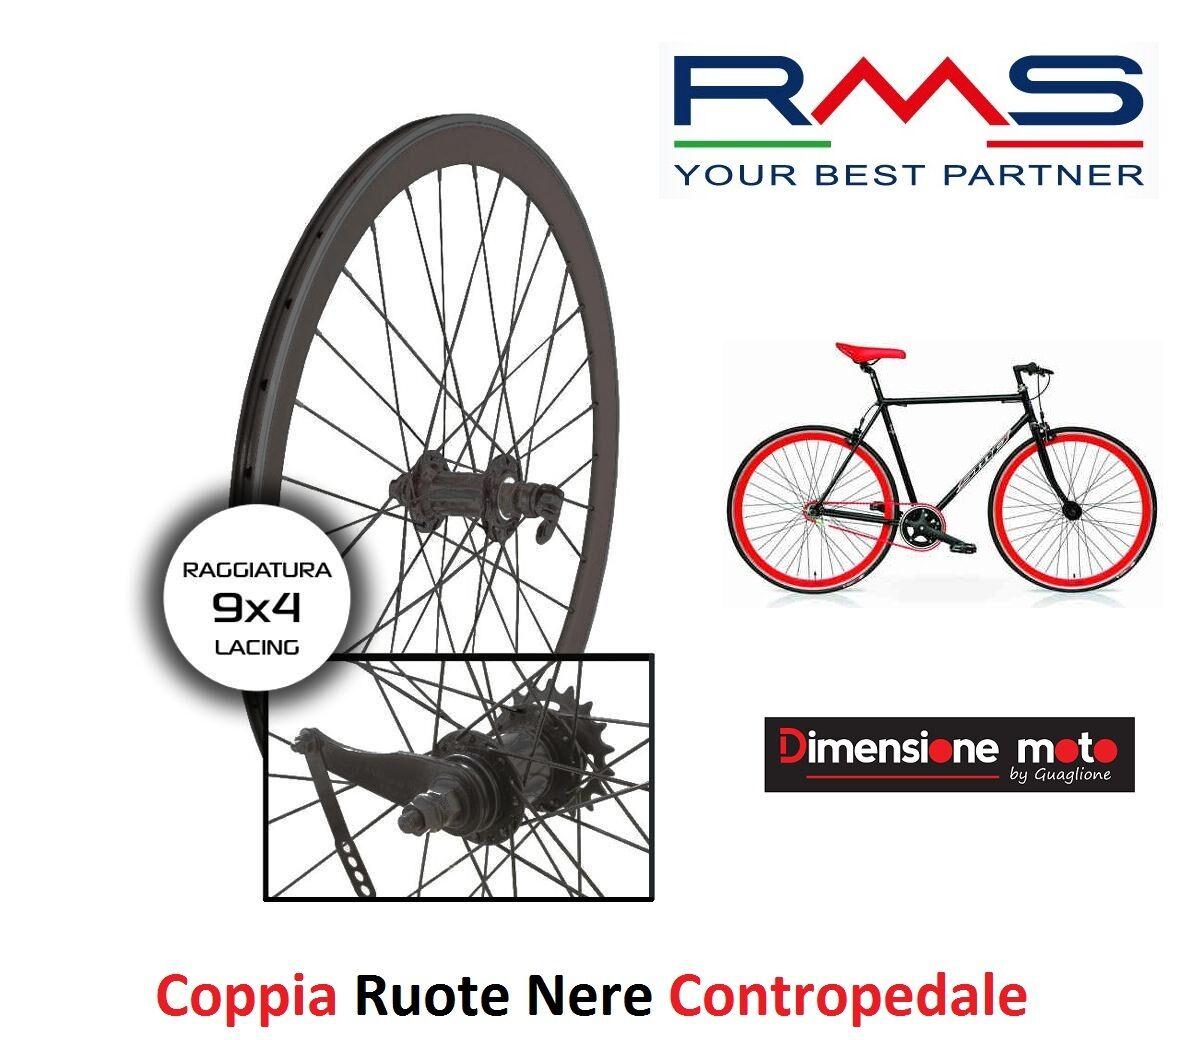 CP Ruote Nere Fixed Contropedale 700 Profilo V 40mm per Bici 28 Single Speed